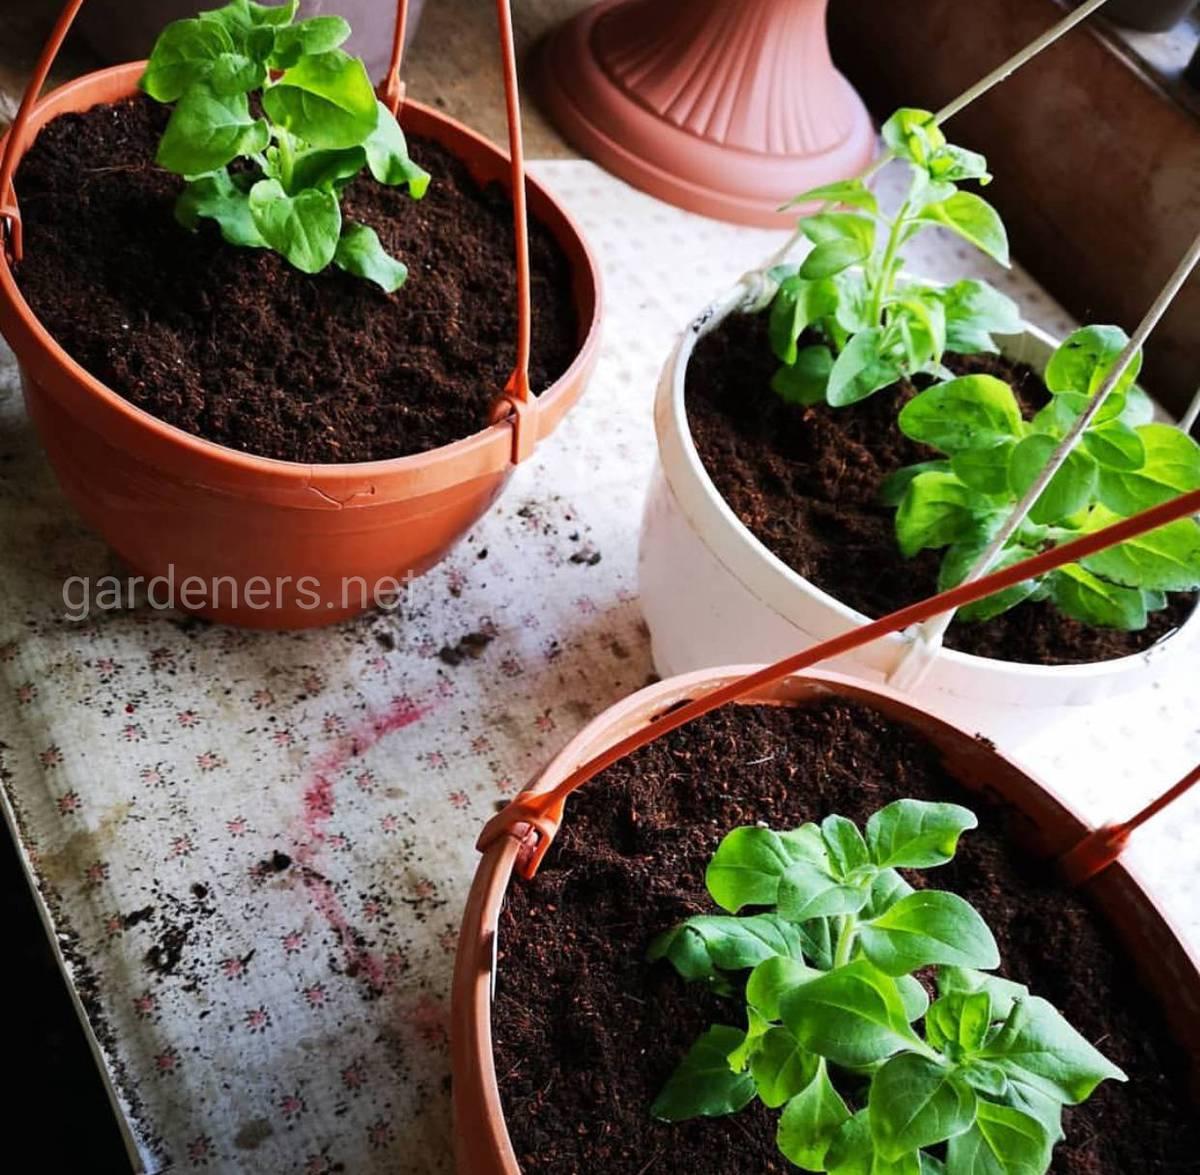 Ампельная петуния лучше всего подходит для выращивания в кашпо.